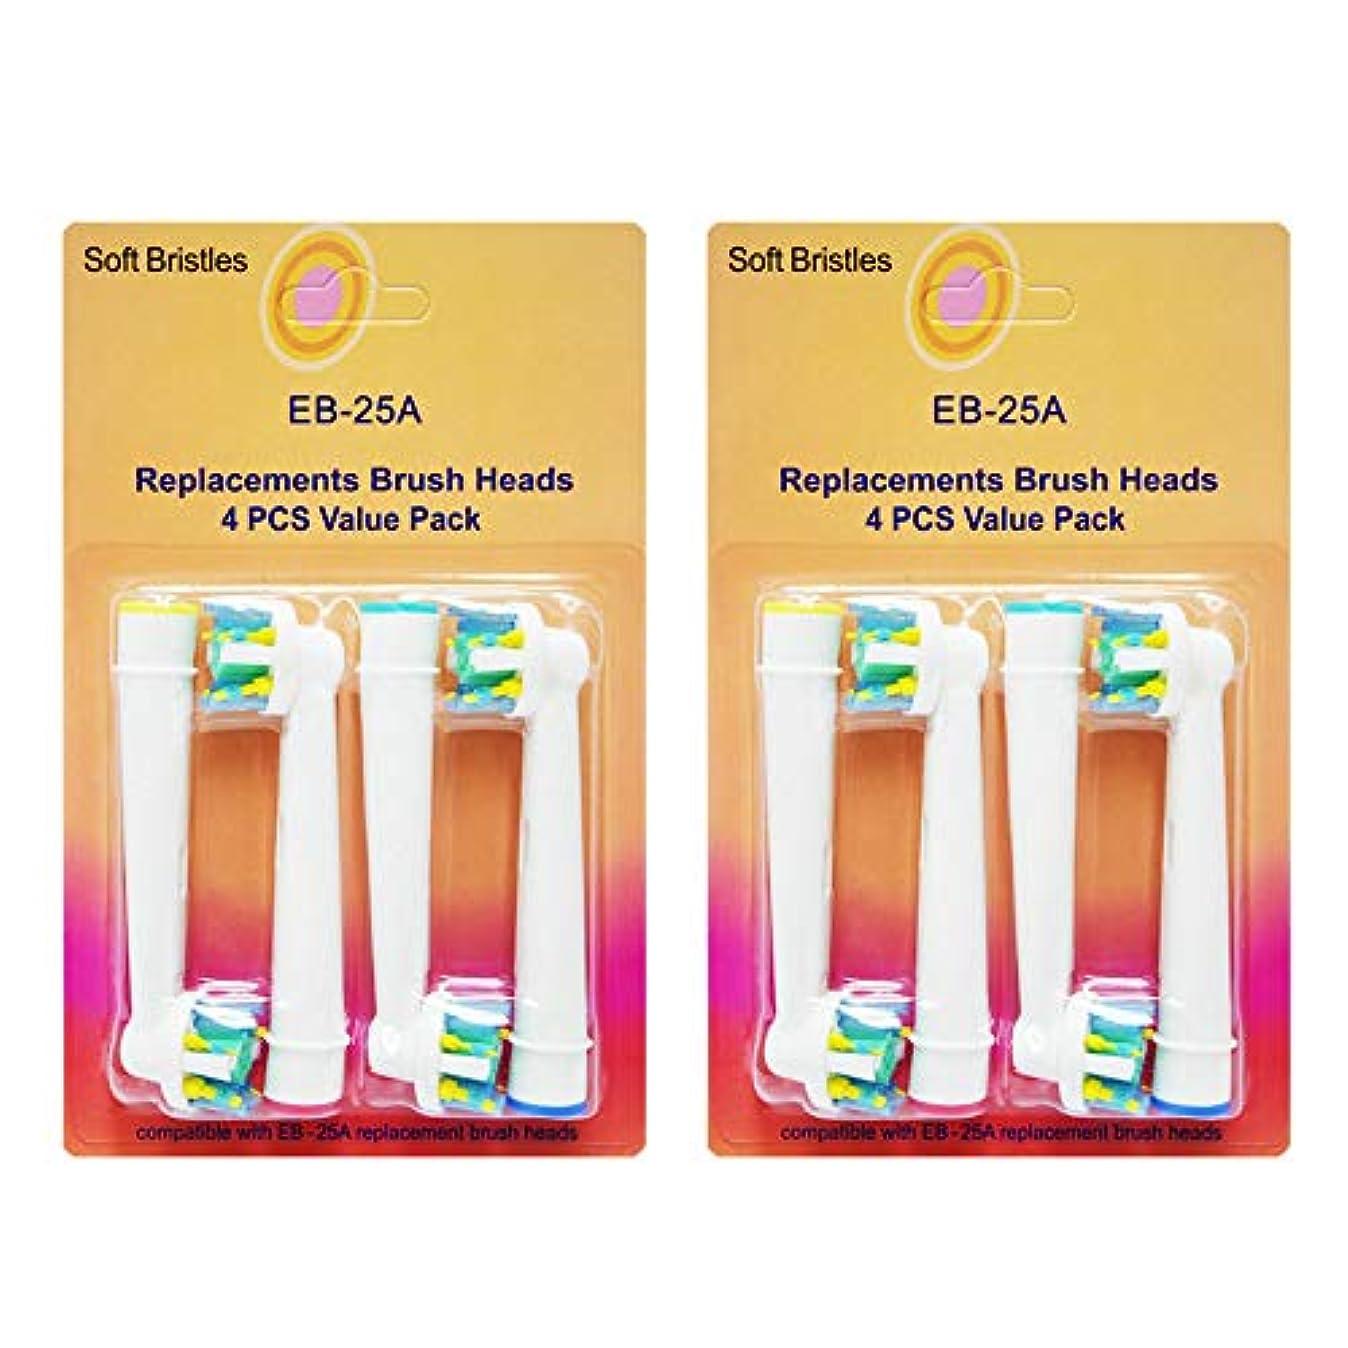 成長する軽減する系譜ブラウン BRAUN オーラルB 対応 歯間ワイパー付ブラシ 互換 ブラシ 相当品 歯ブラシ 互換ブラシ (2セット合計8本(4本1セット×2)) アーモロート(amaurot) EB25 EB-25 eb25 eb-25